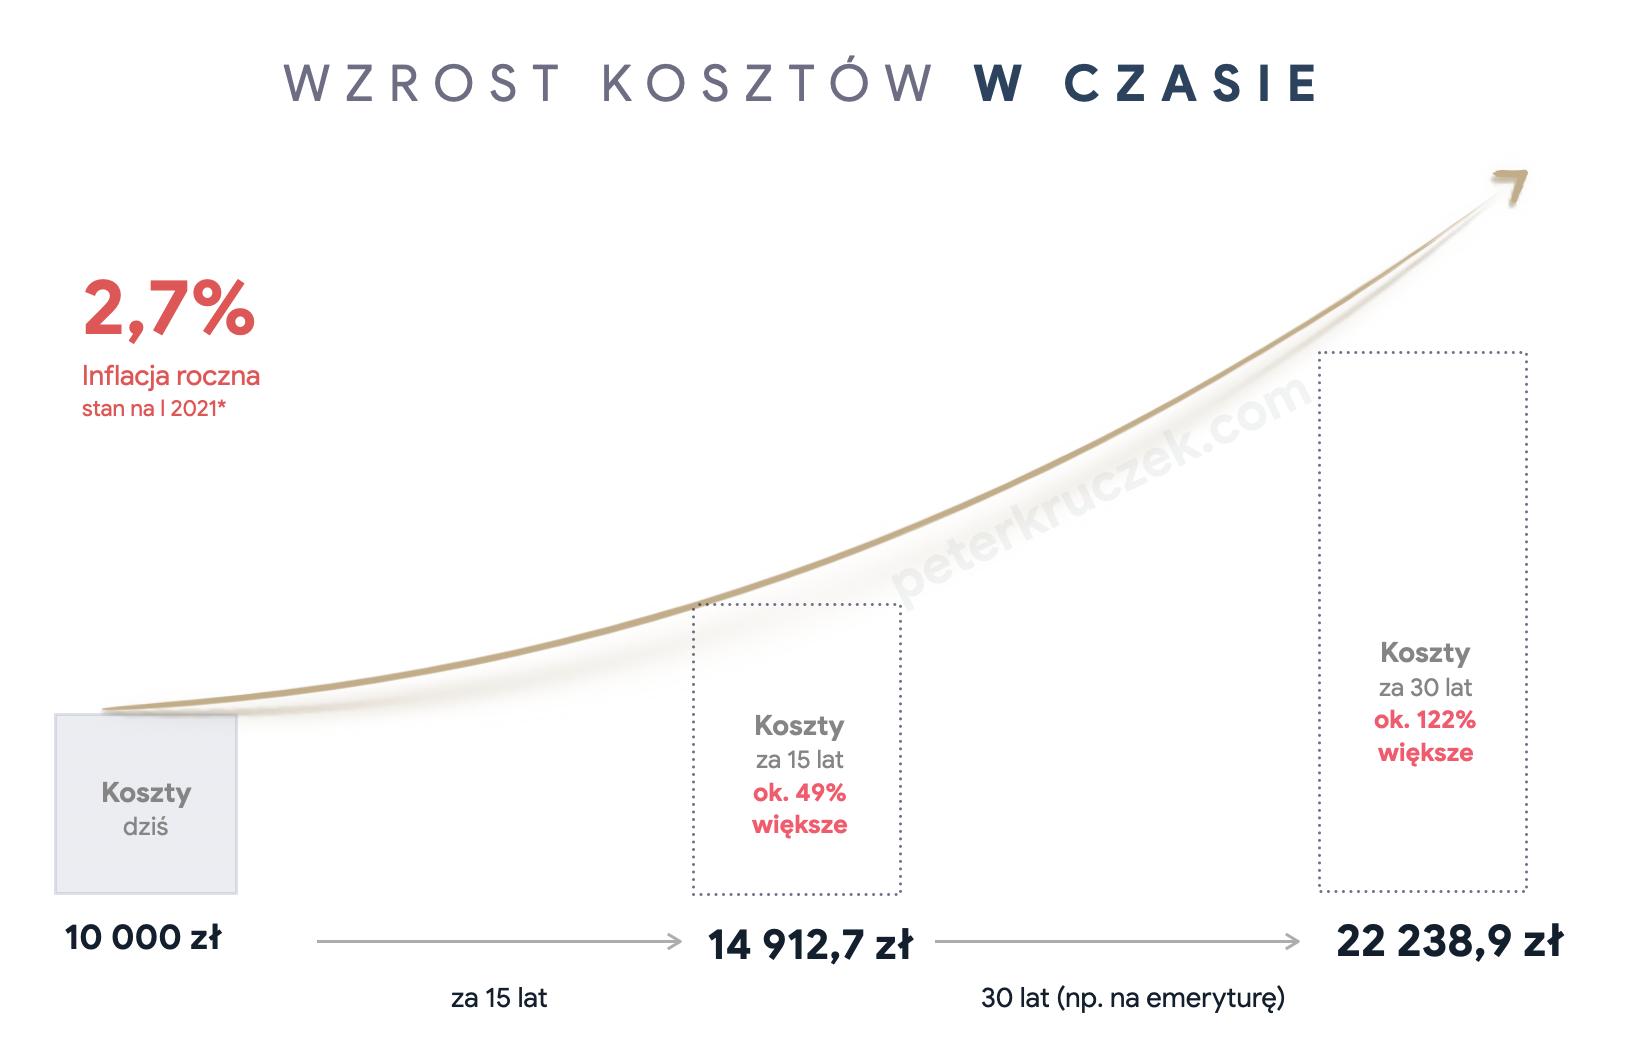 Wzrost kosztów w czasie - Piotr Kruczek